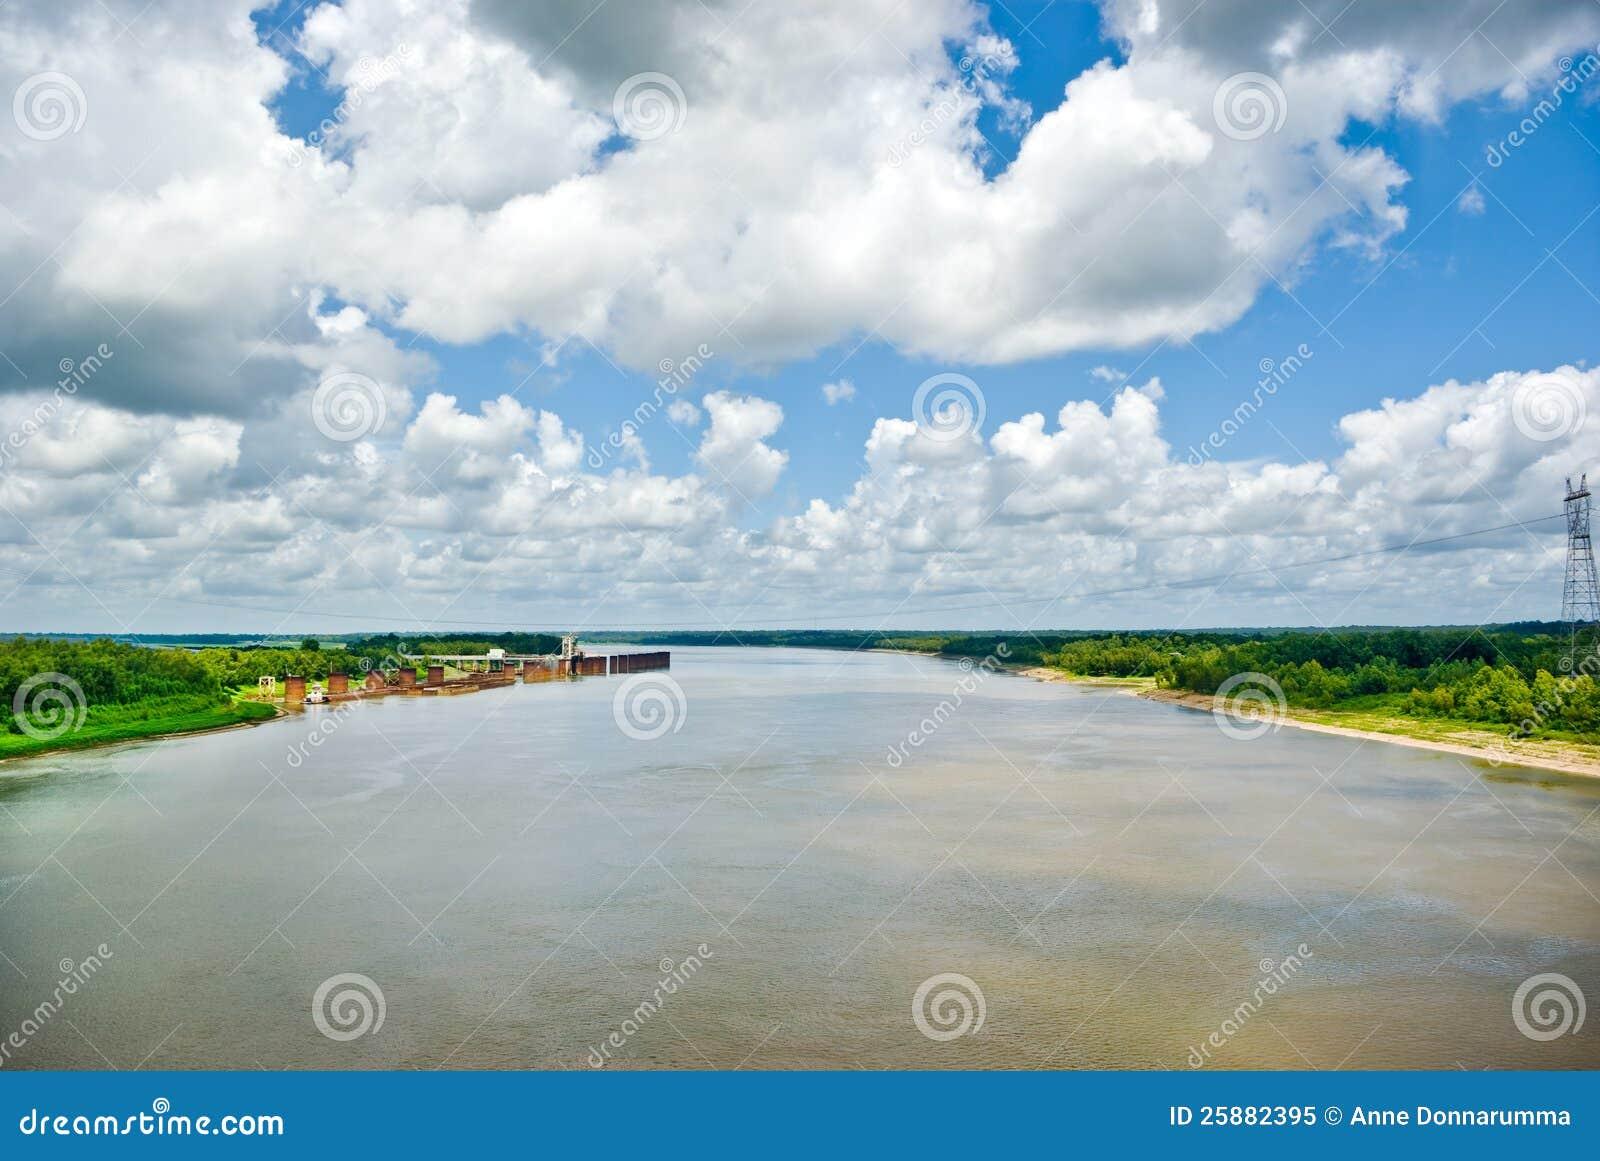 Река Миссиссипи